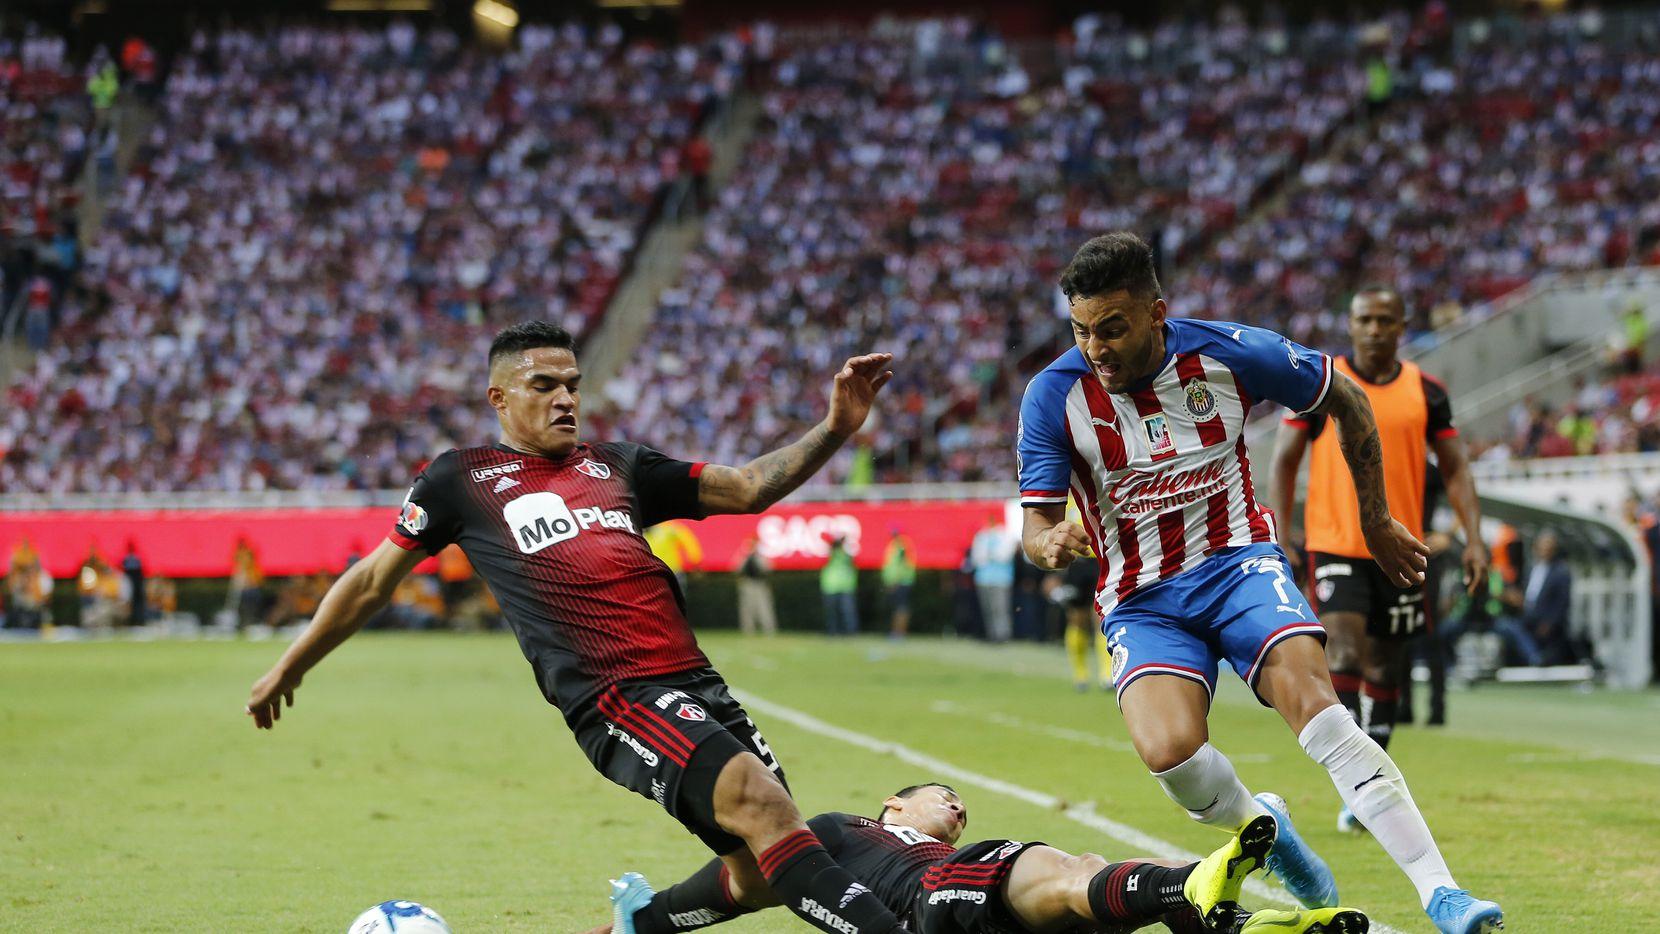 Los encuentros que Chivas de Guadalajara juegue en su estadio serán transmitidos por Telemundo.